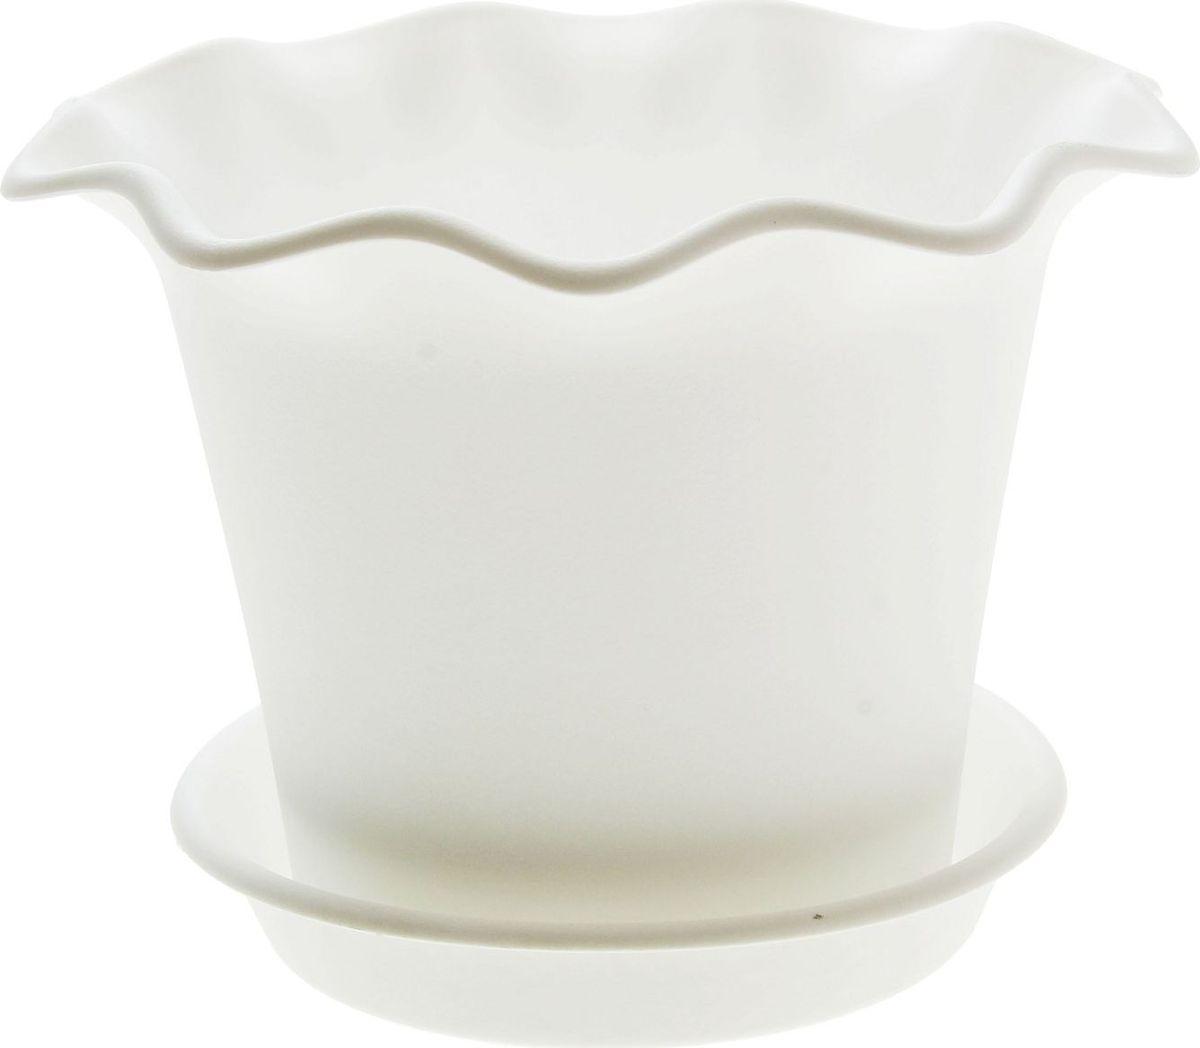 Горшок для цветов InGreen Бали, с поддоном, цвет: белый, диаметр 20 смZ-0307Горшок InGreen Бали выполнен из высококачественного полипропилена (пластика) и предназначен для выращивания цветов, растений и трав. Снабжен поддоном для стока воды.Такой горшок порадует вас функциональностью, а благодаря лаконичному дизайну впишется в любой интерьер помещения.Диаметр горшка (по верхнему краю): 20 см. Высота горшка: 15 см. Диаметр поддона: 16 см.